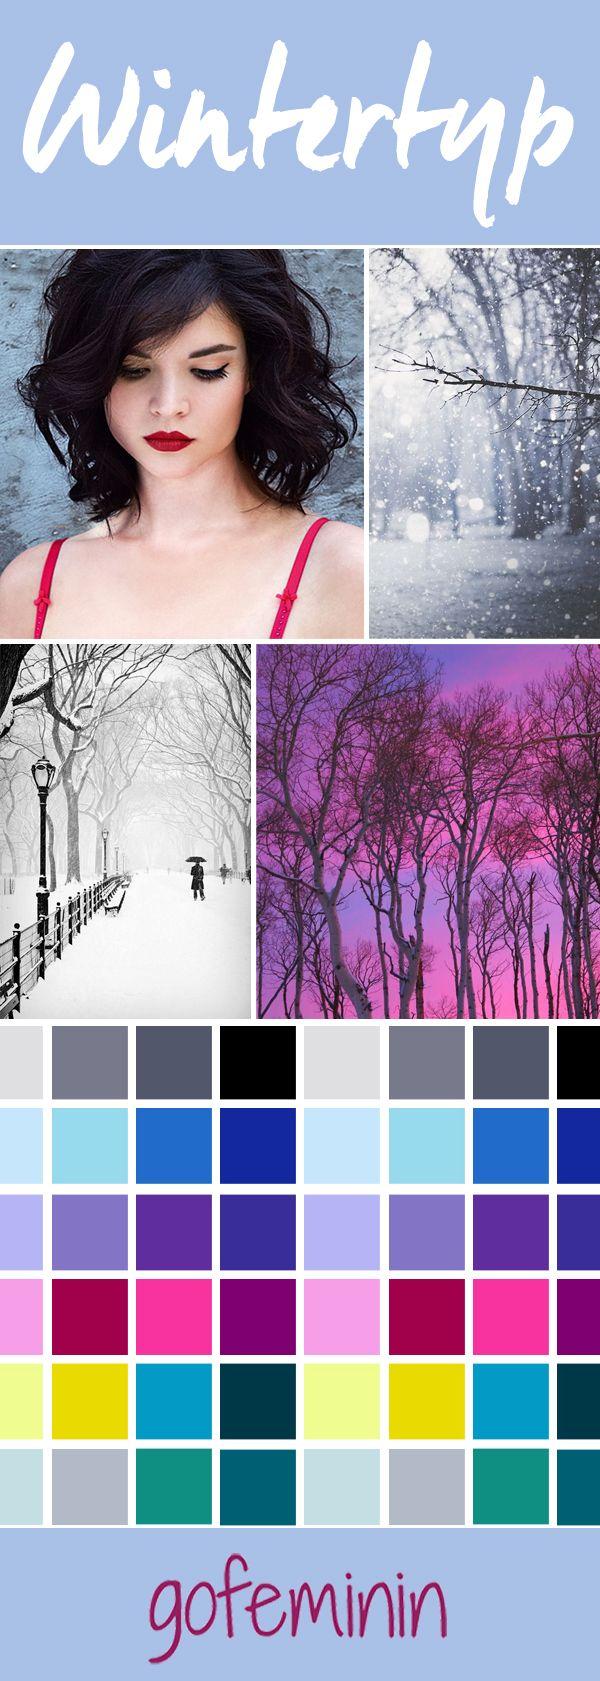 Die besten Styling-Tipps für den Wintertyp - jetzt auf gofeminin.de!